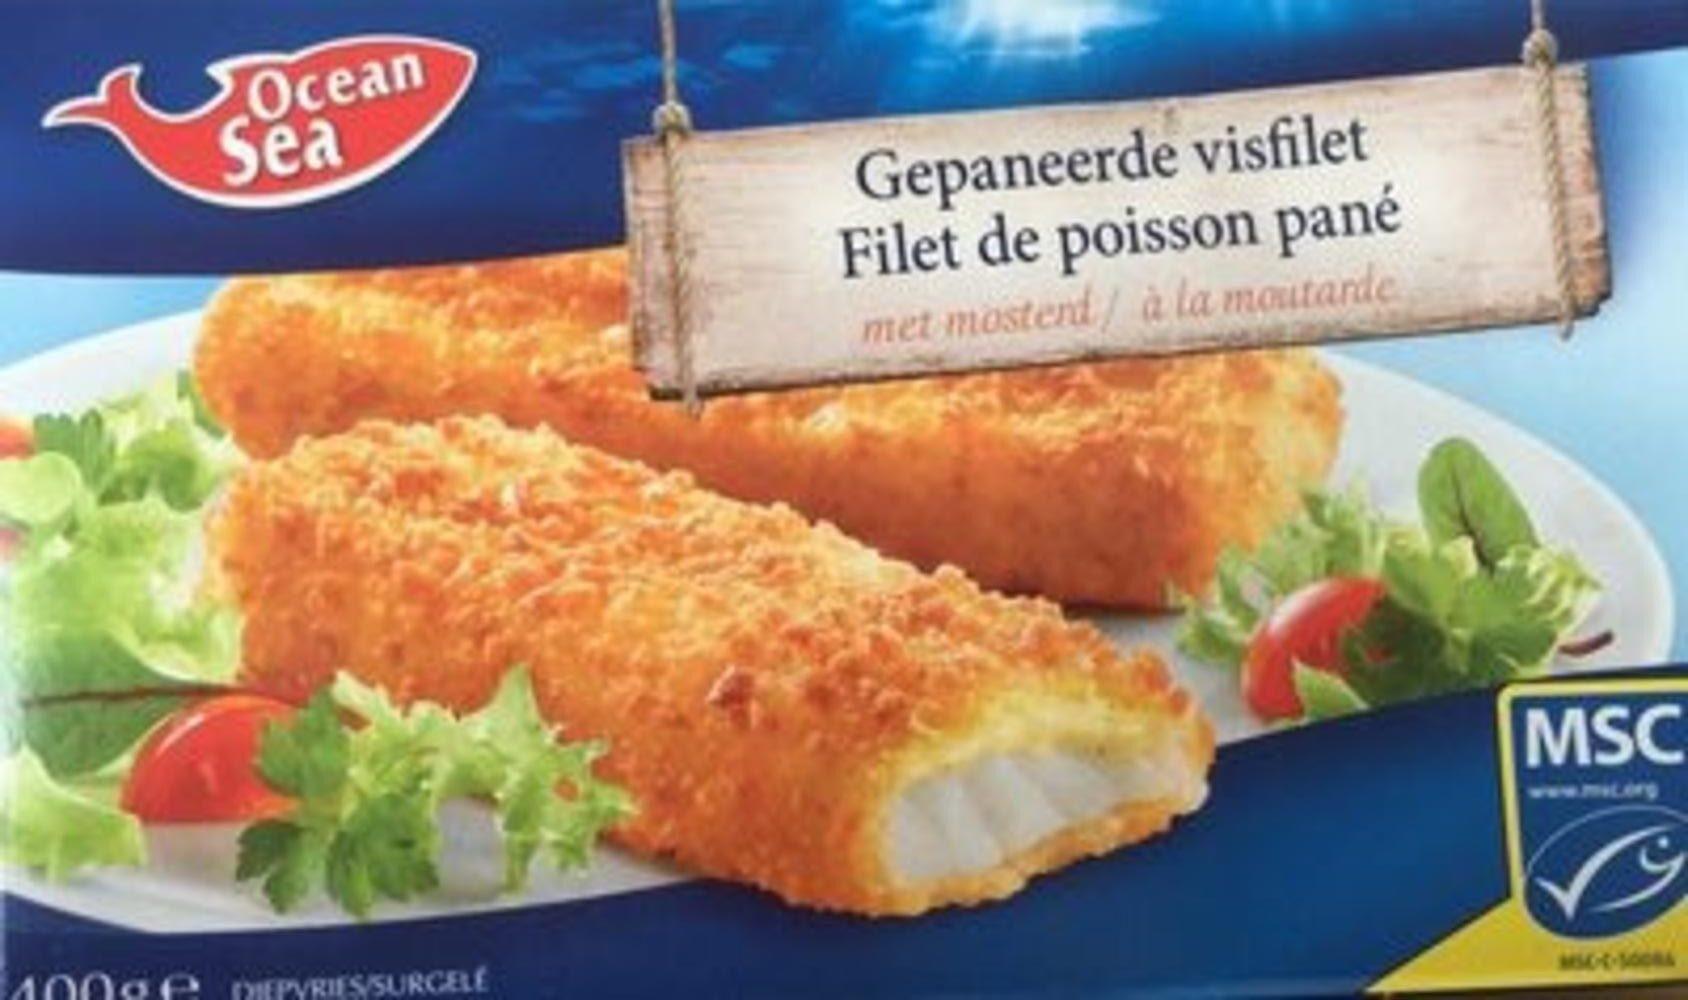 Filet de poisson pané - Product - fr